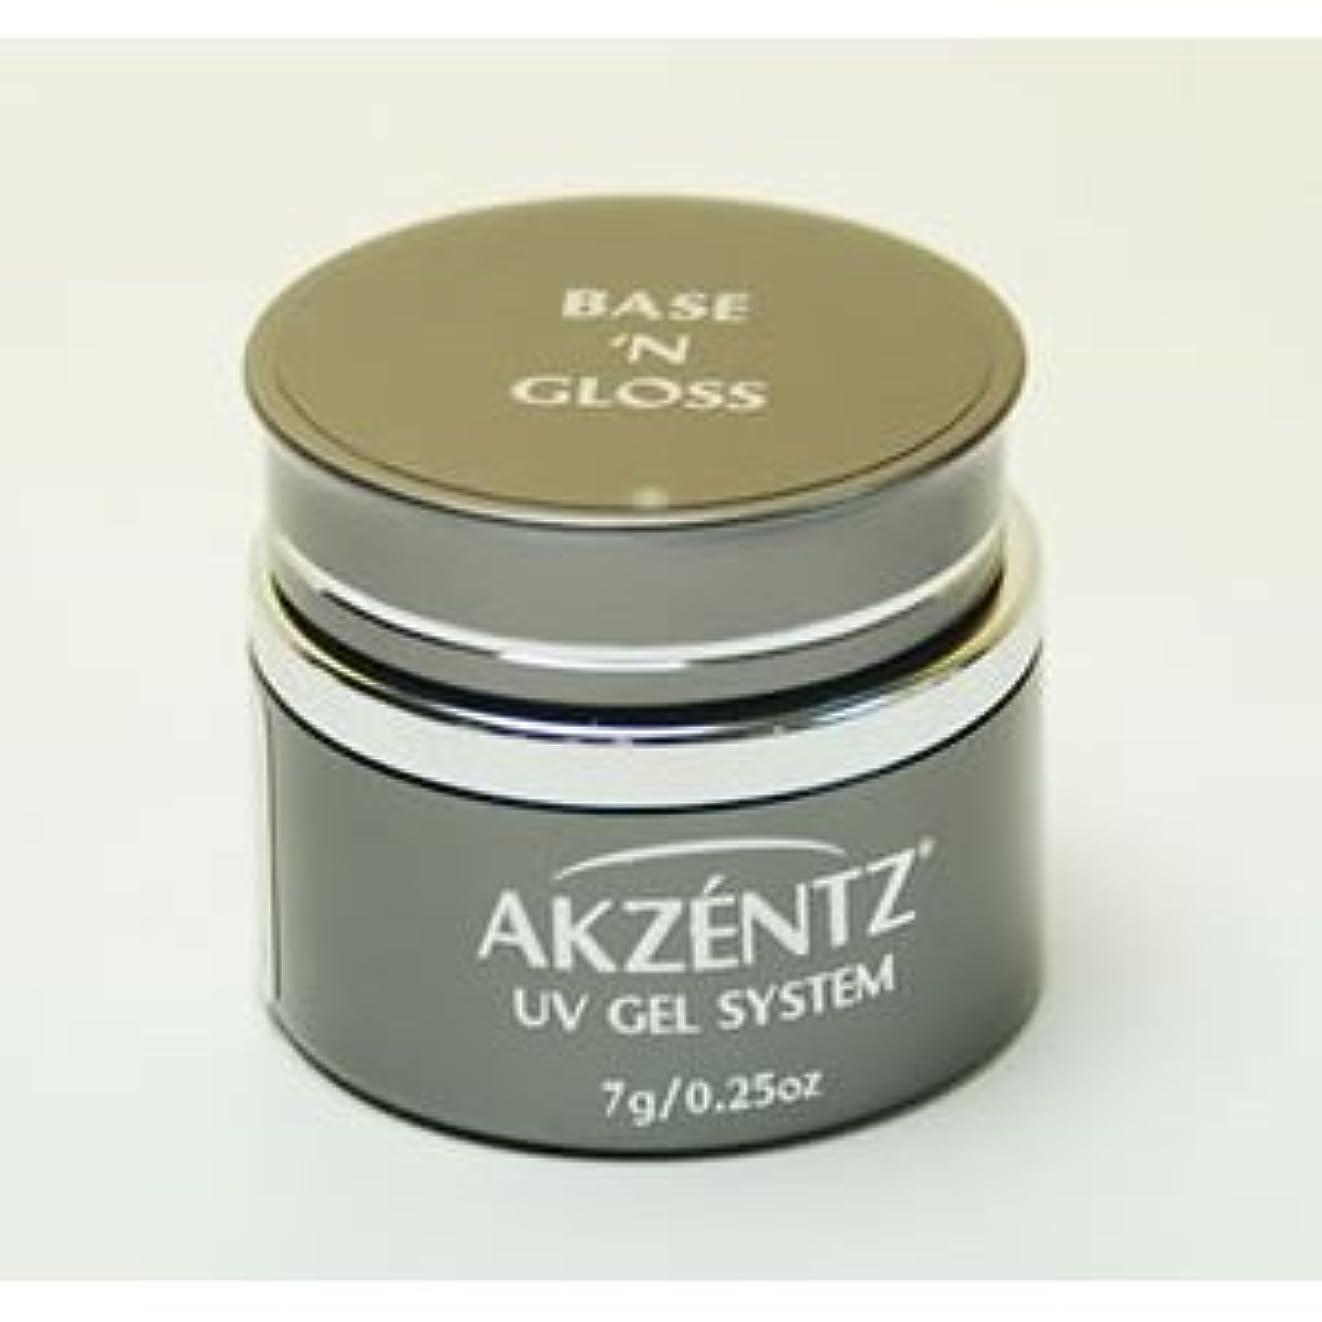 バンカー肌寒い食べるアクセンツ(AKZENTZ) ベースングロス7g